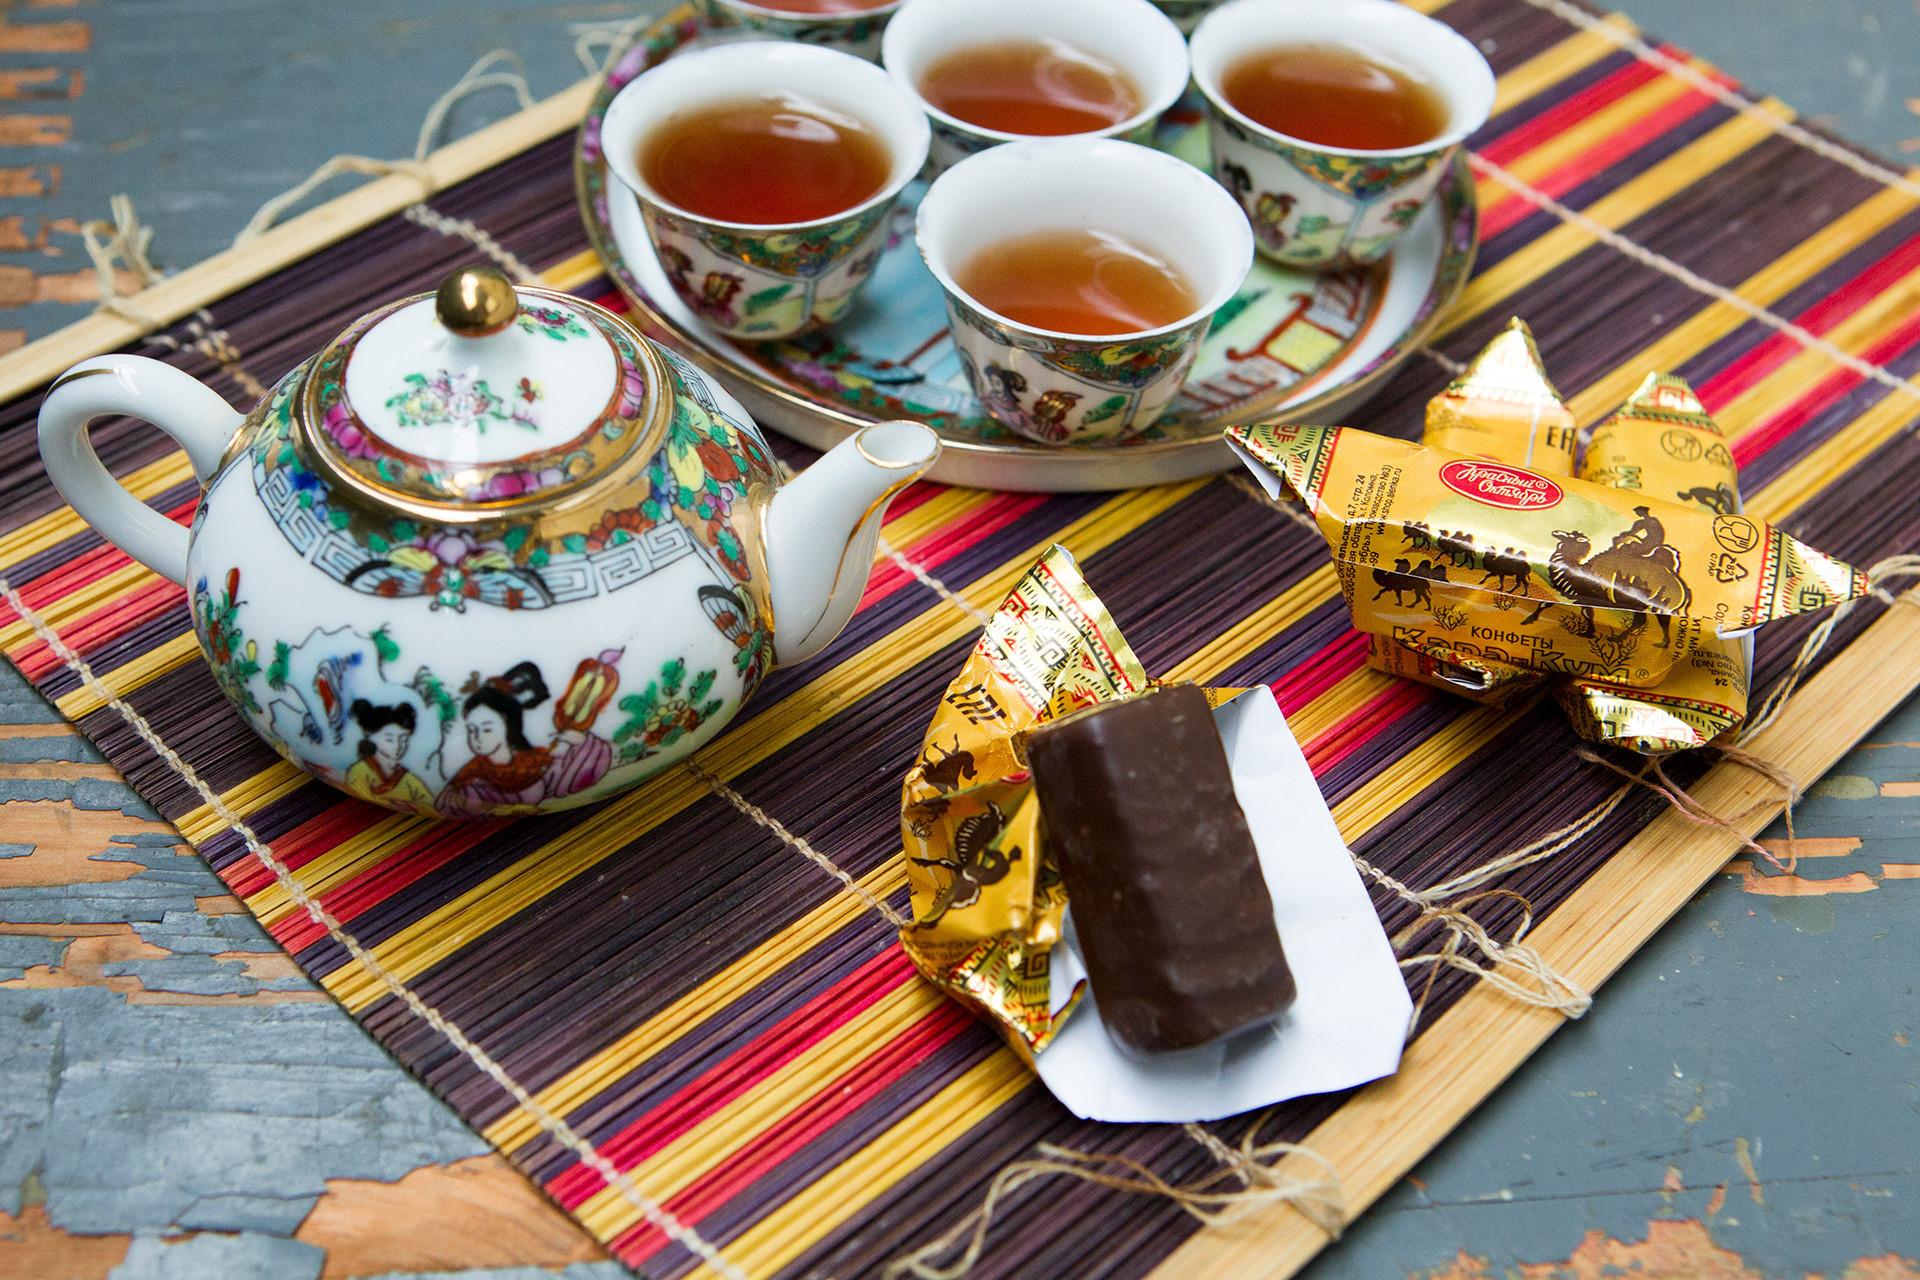 """Este doce não tem nada a ver com areia negra, que é o que """"kara-kum"""" significa literalmente na língua cazaque."""